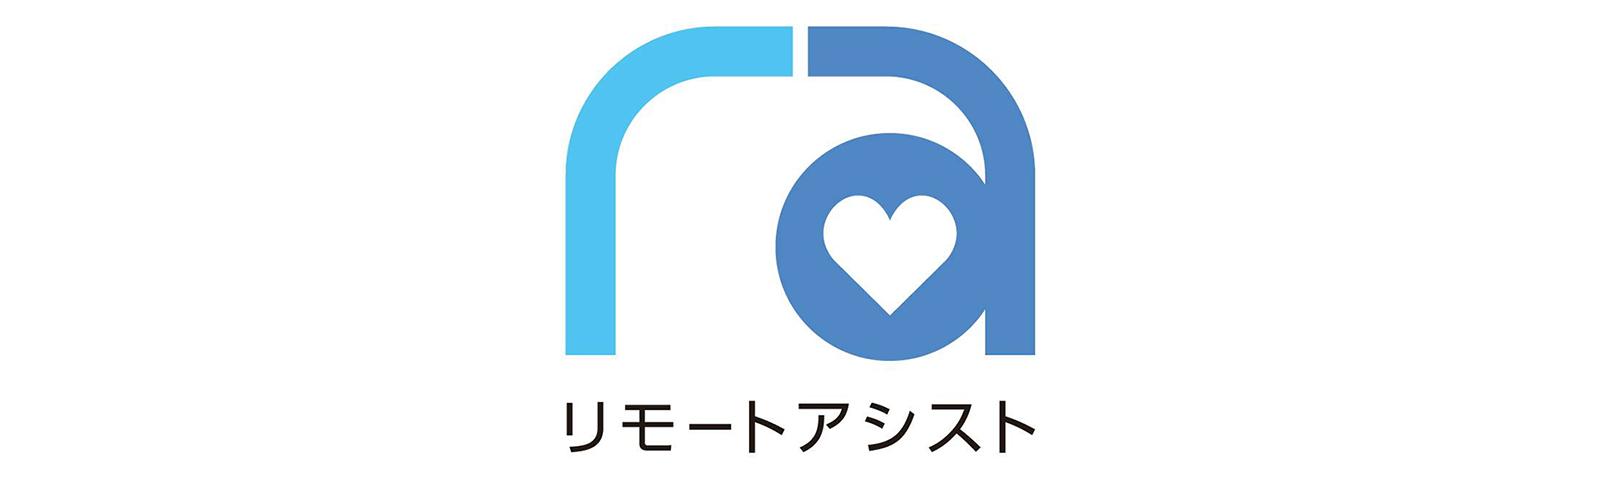 リモートアシストロゴ